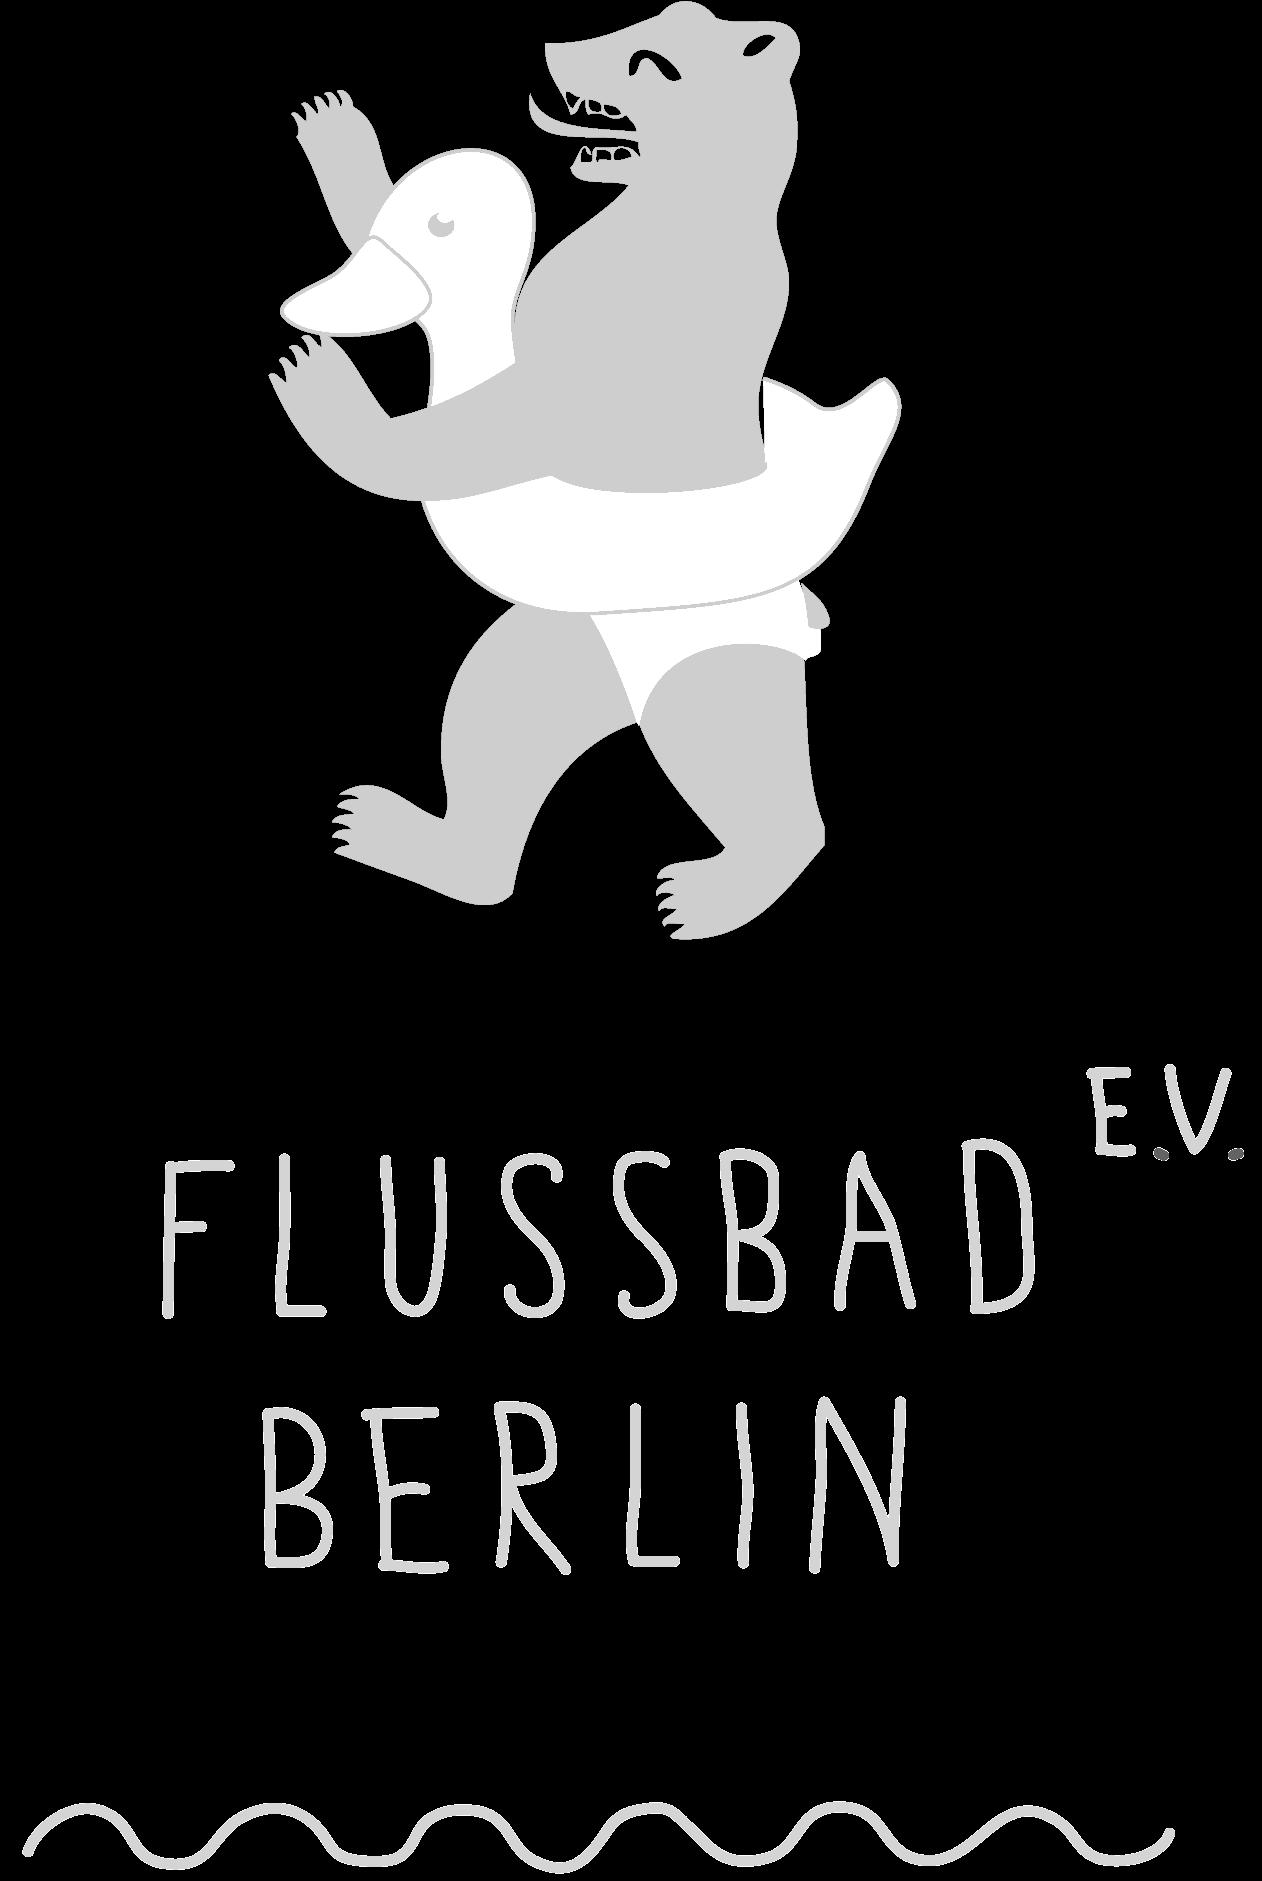 Flussbad Berlin e.v.